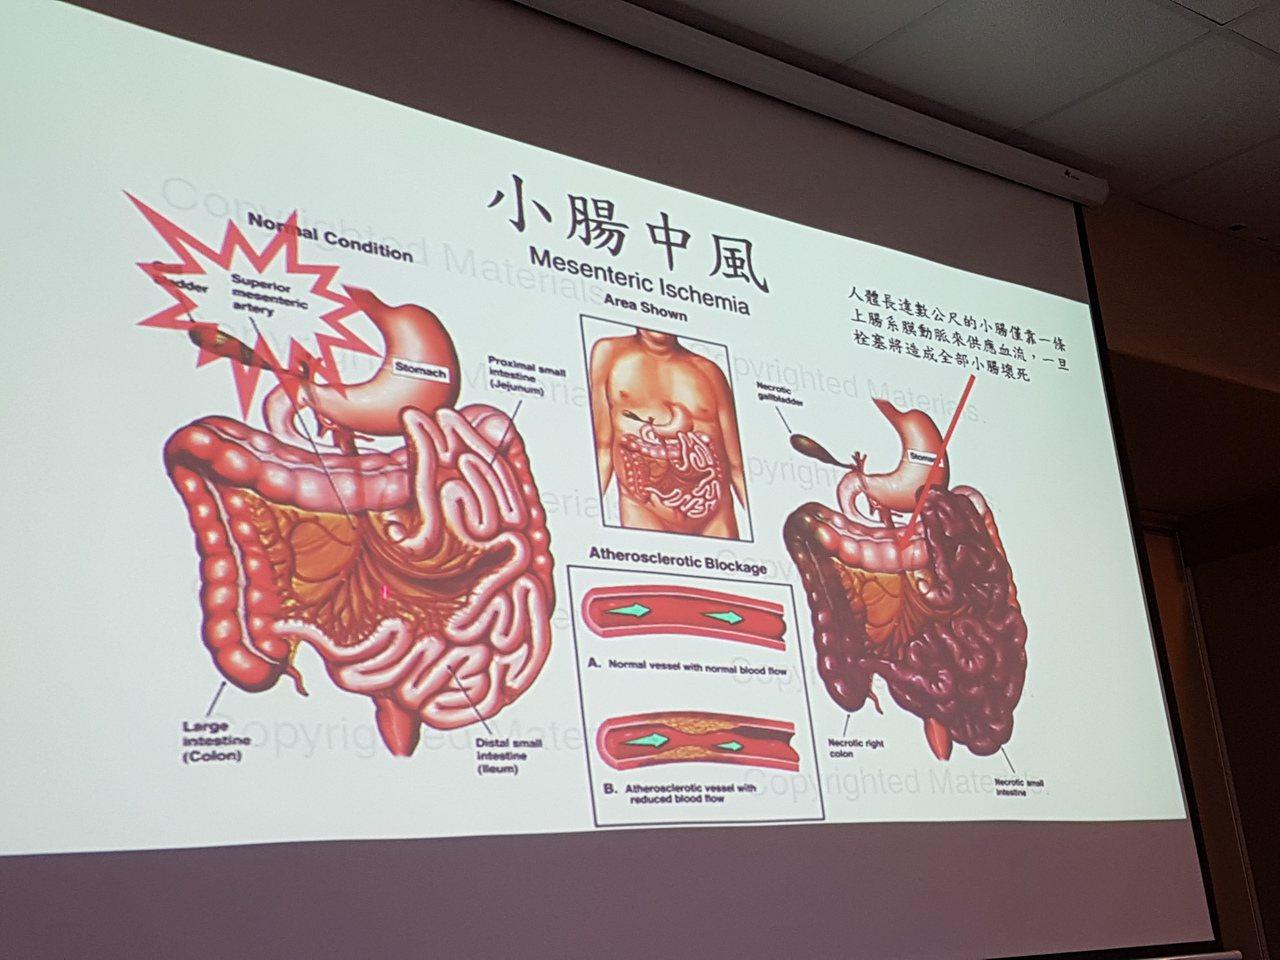 腸繫膜動脈栓塞就是俗稱的小腸中風。記者楊雅棠/攝影